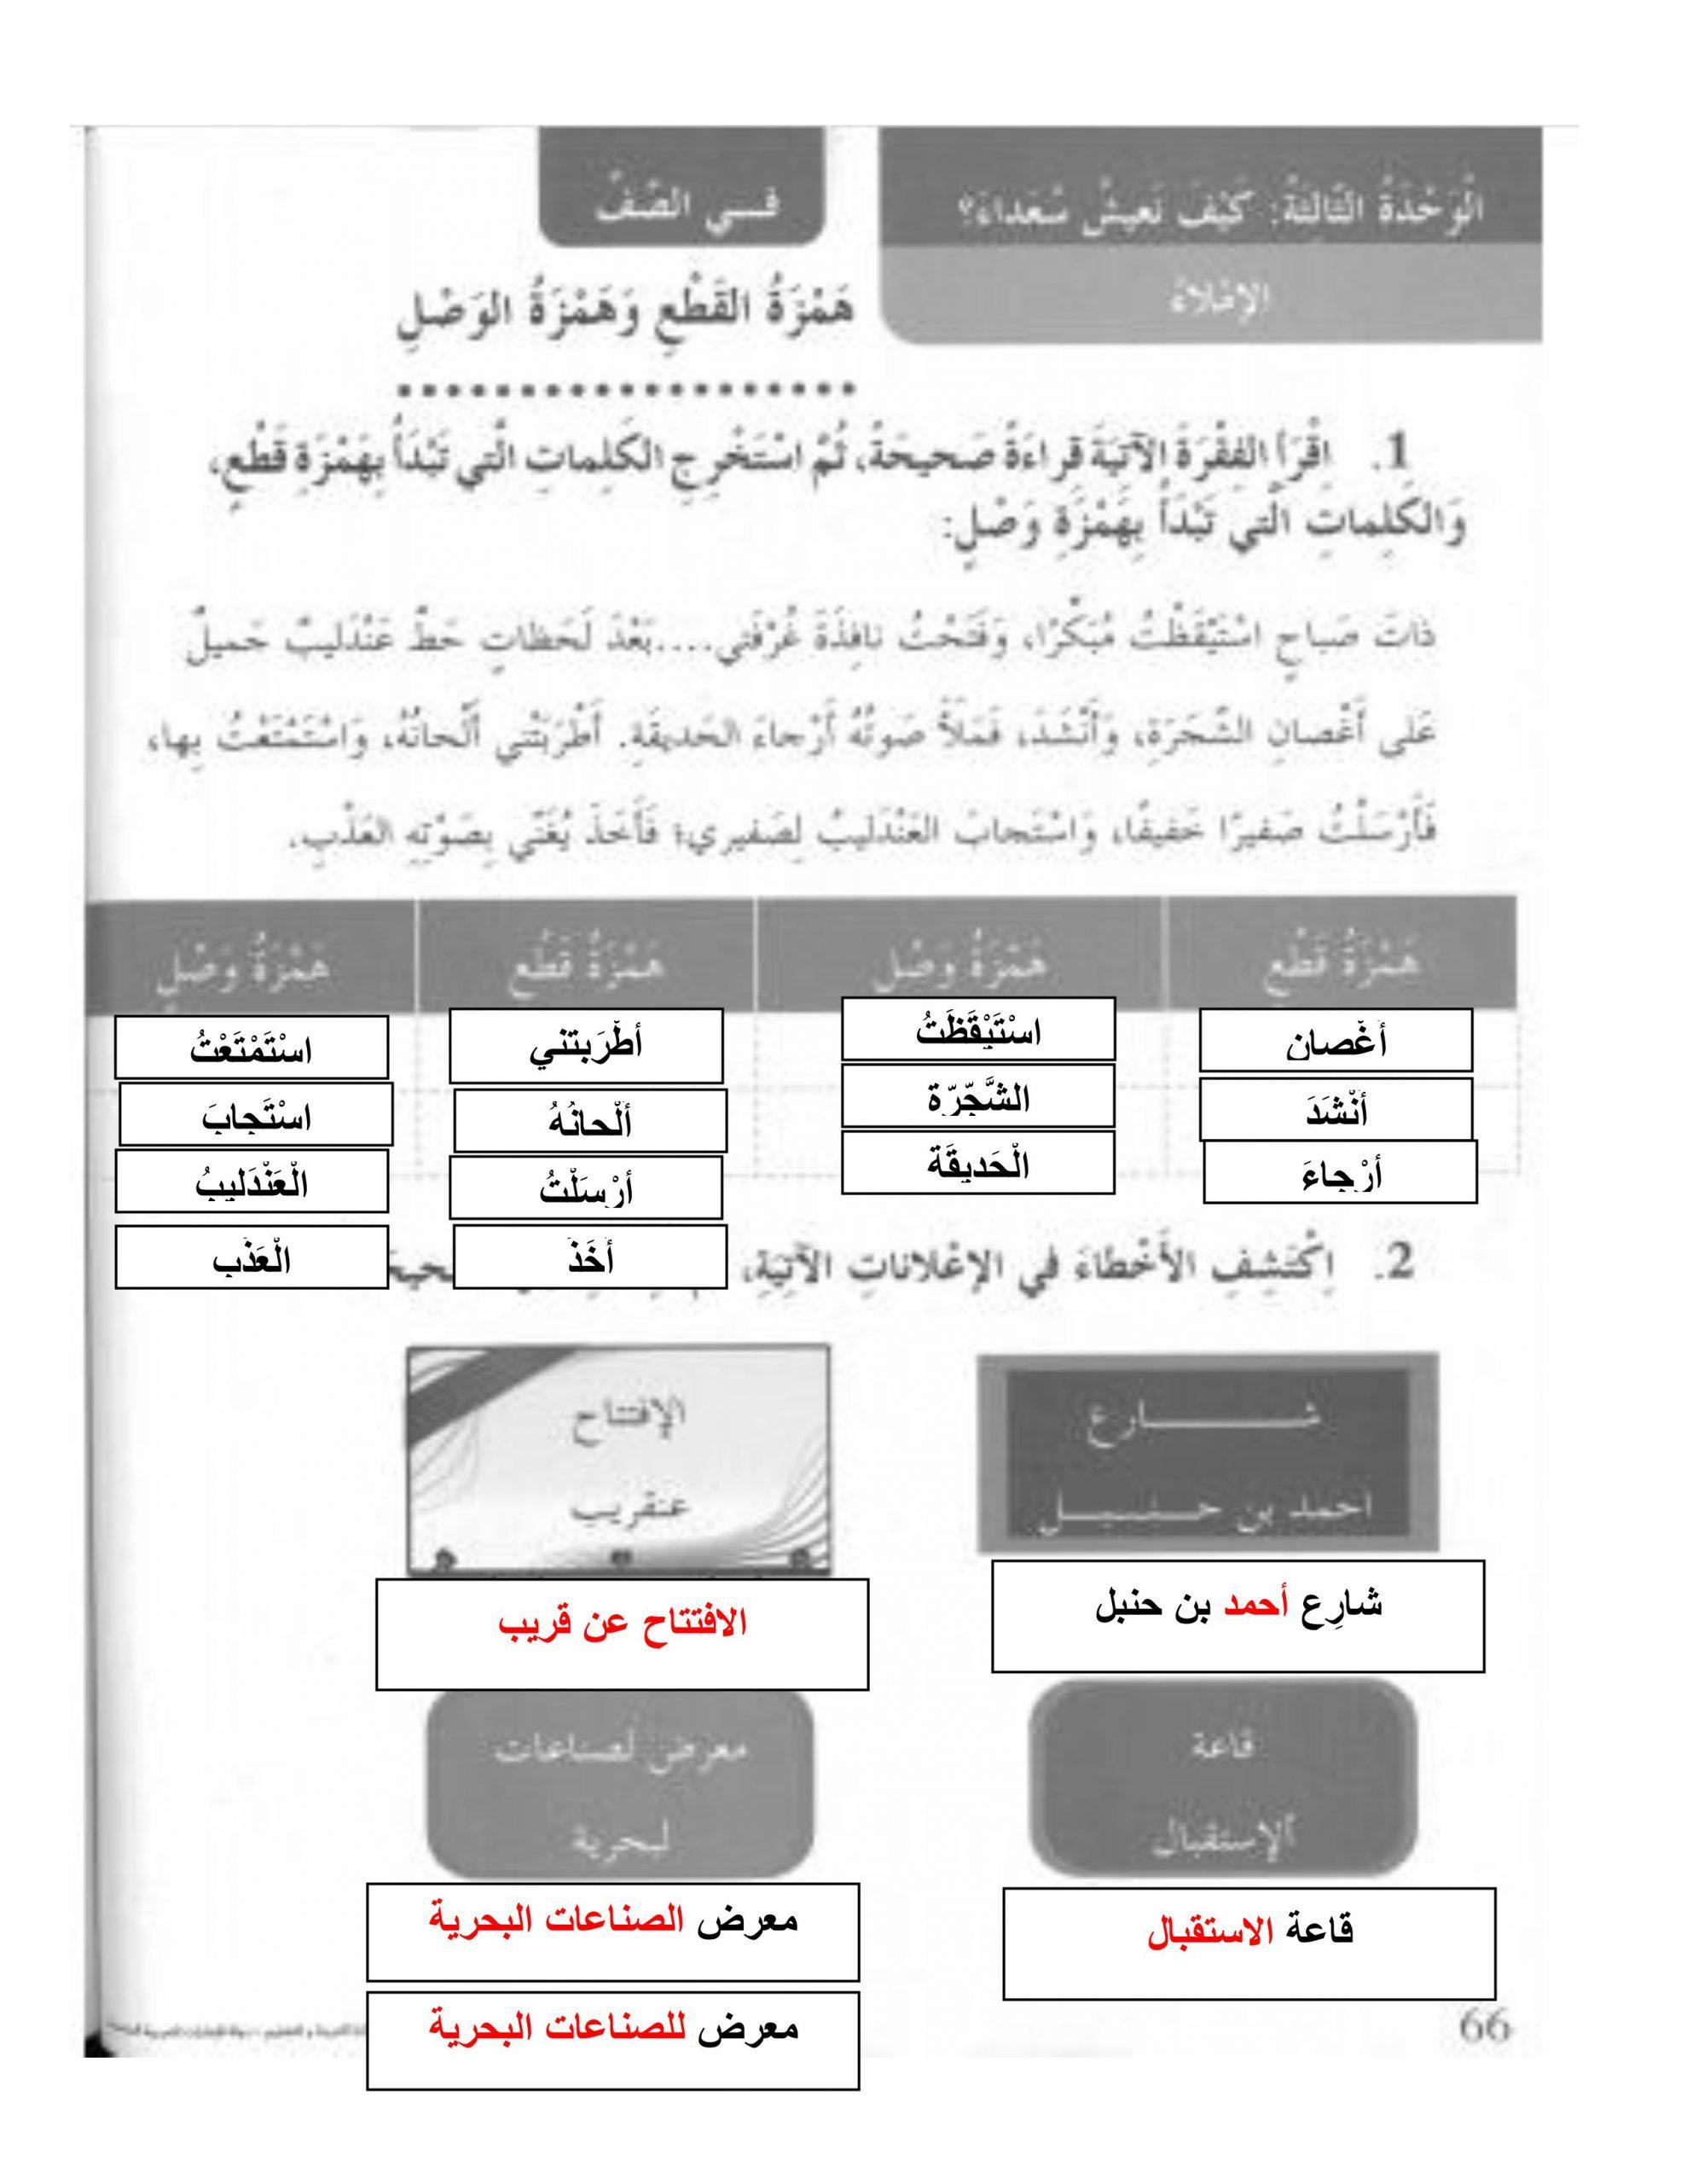 حل همزة الوصل وهمزة القطع كتاب النشاط الصف الثالث مادة اللغة العربية